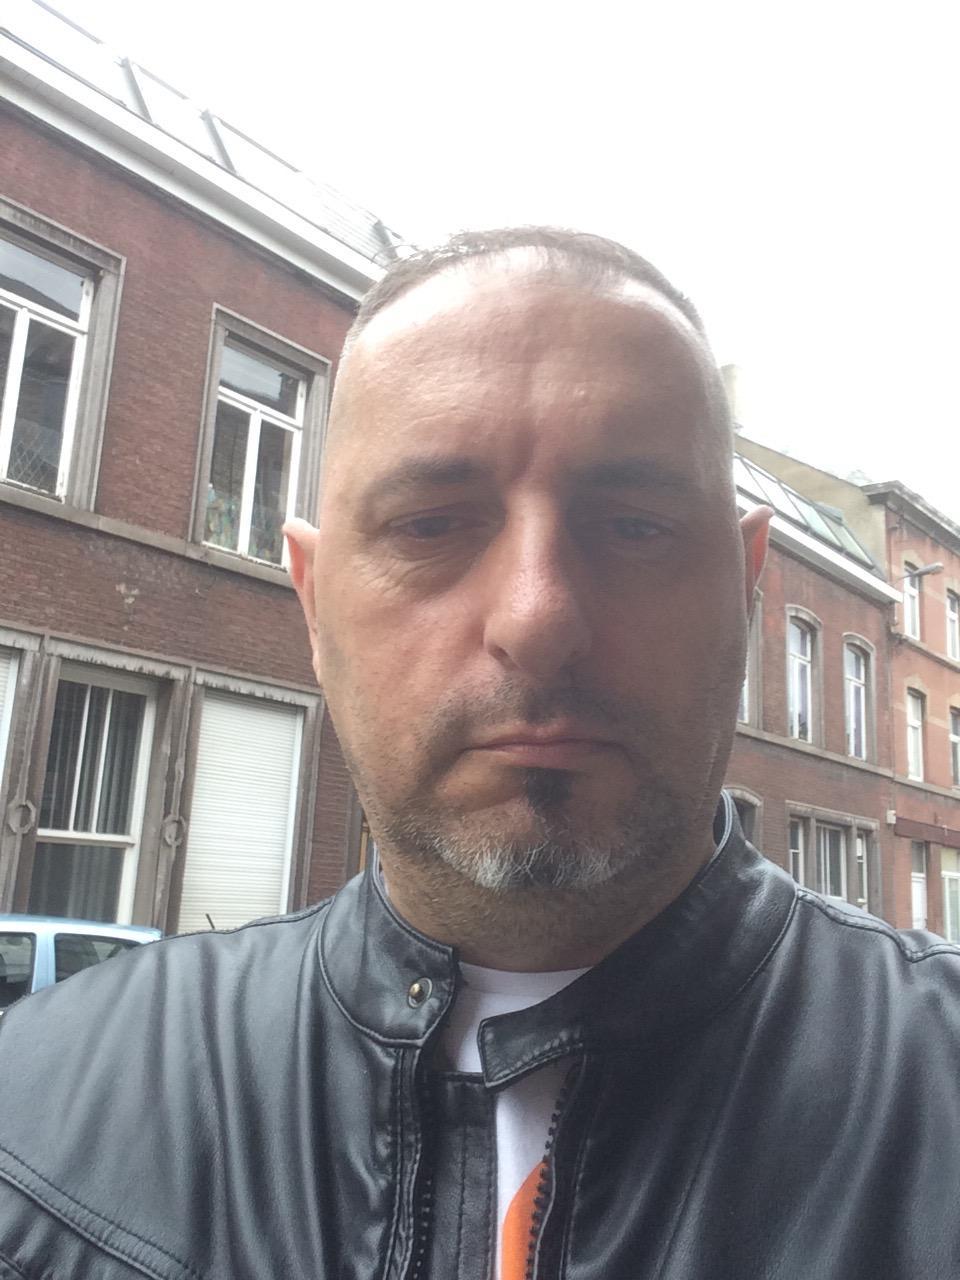 Michel64 uit Luik,Belgie